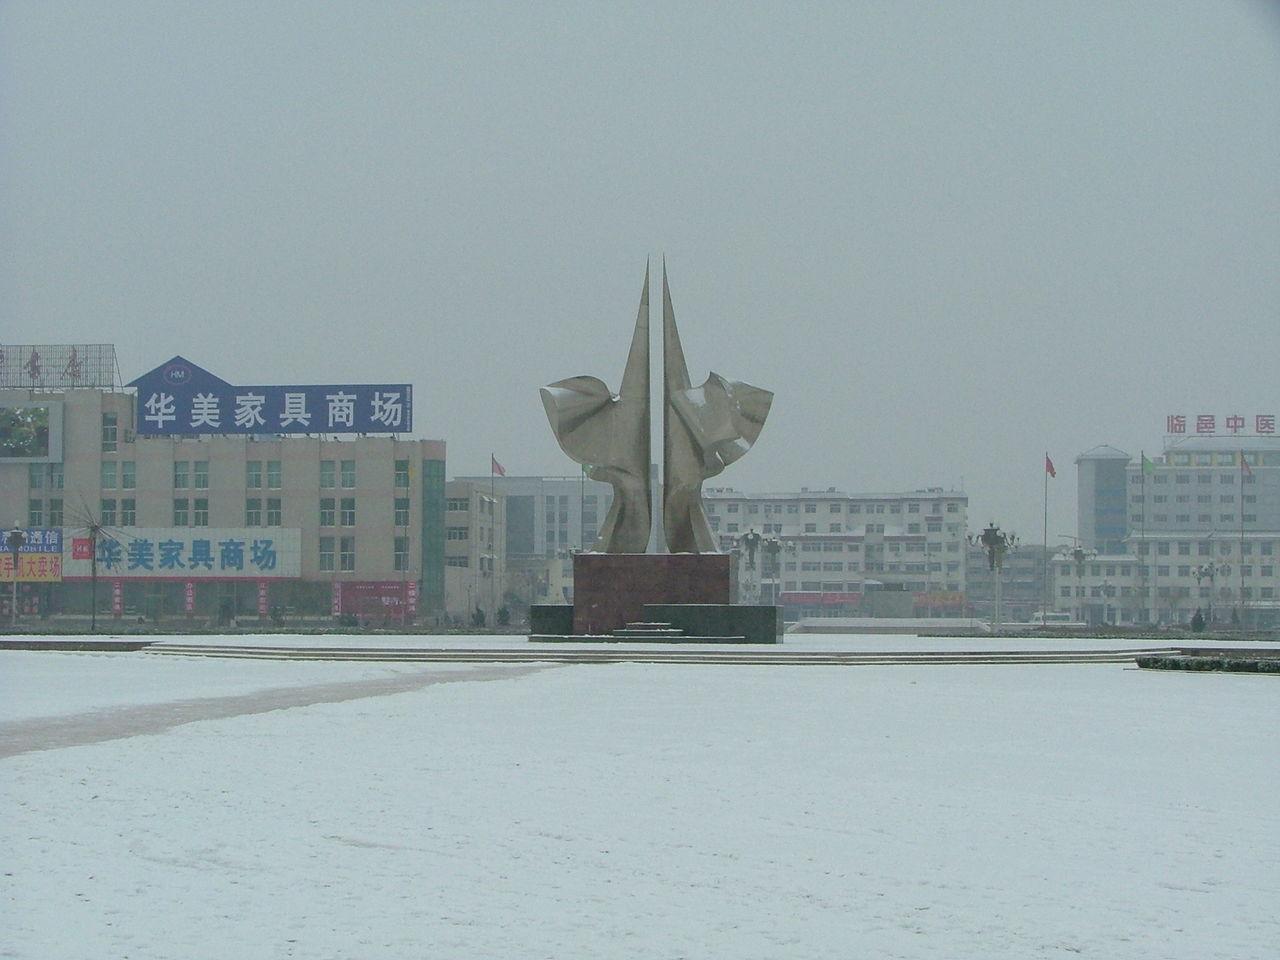 临邑经济开发区北依北京,天津,南靠省会济南,西接德州,东连青岛,烟台